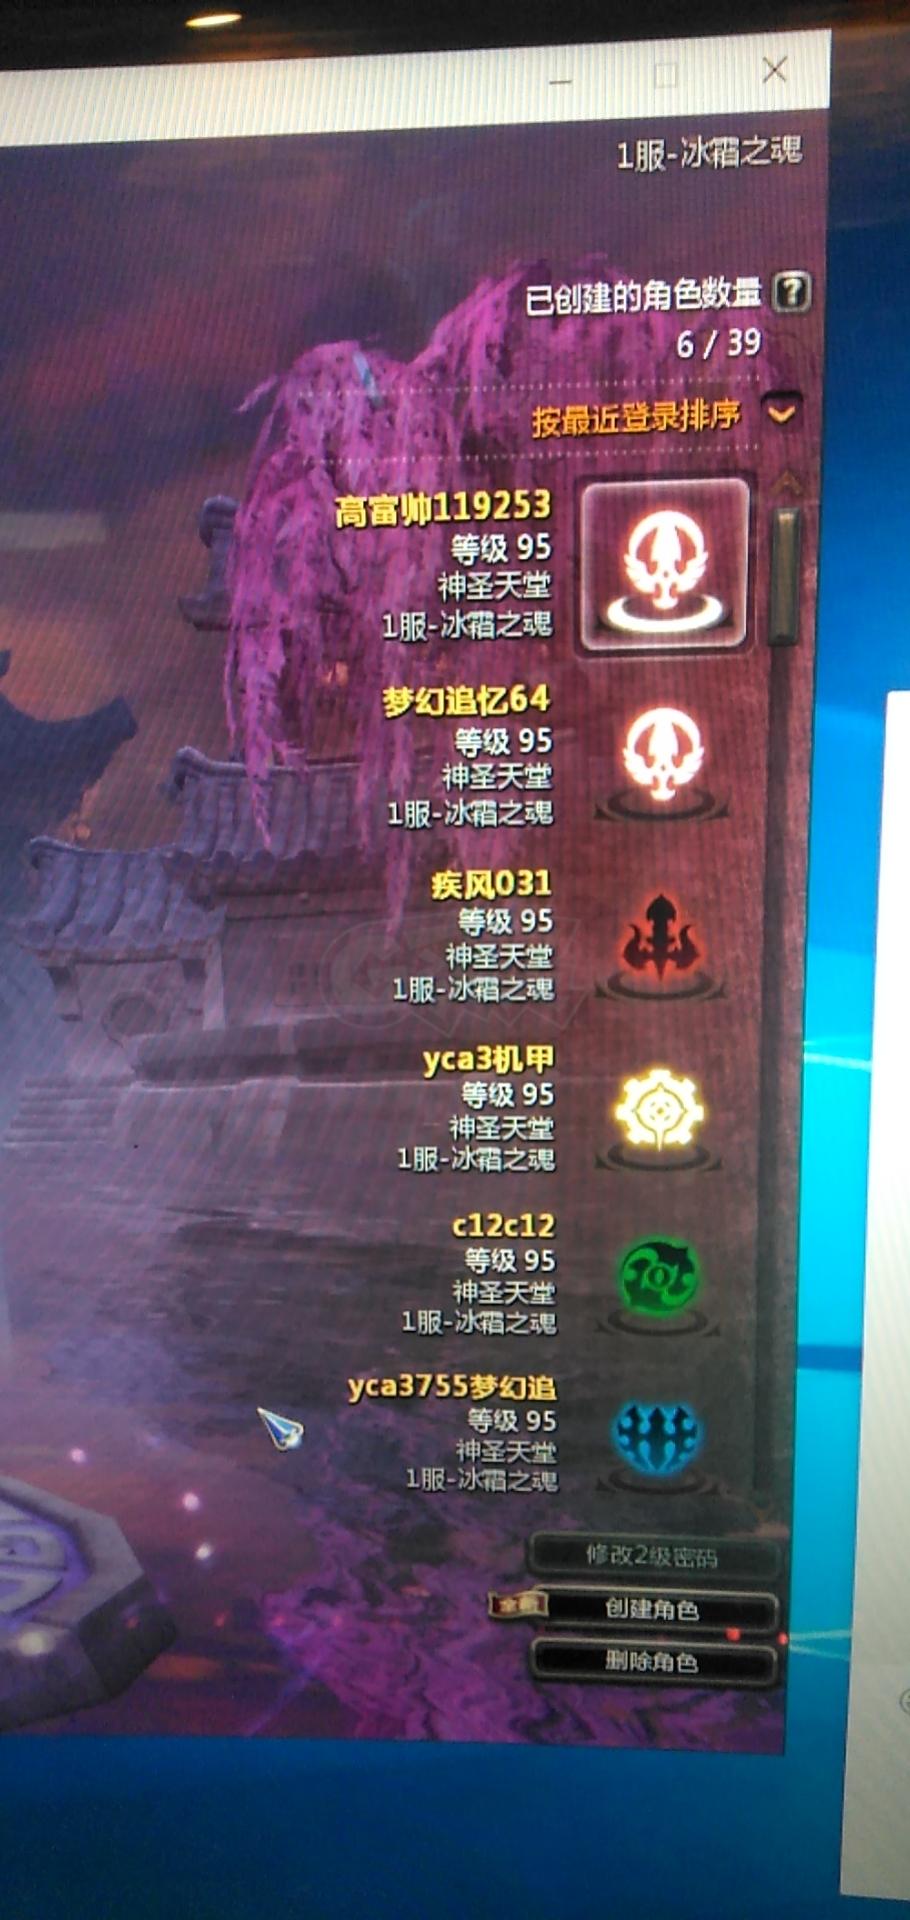 龙之谷-账号-[月之领主95级]俩个可交易印花,5千多潘多拉点数。